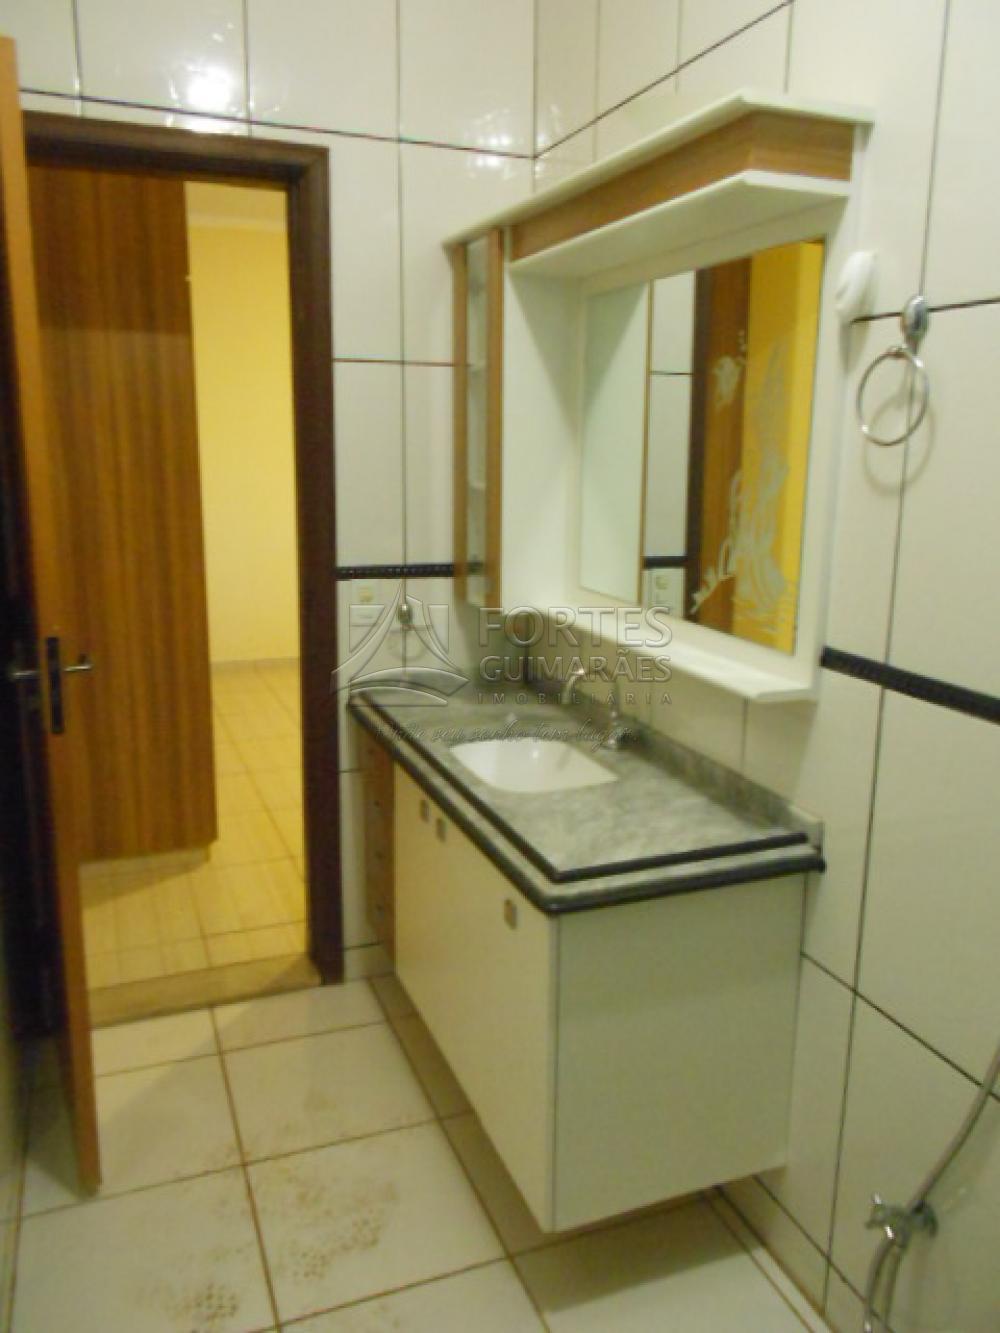 Alugar Casas / Padrão em Ribeirão Preto apenas R$ 1.500,00 - Foto 30